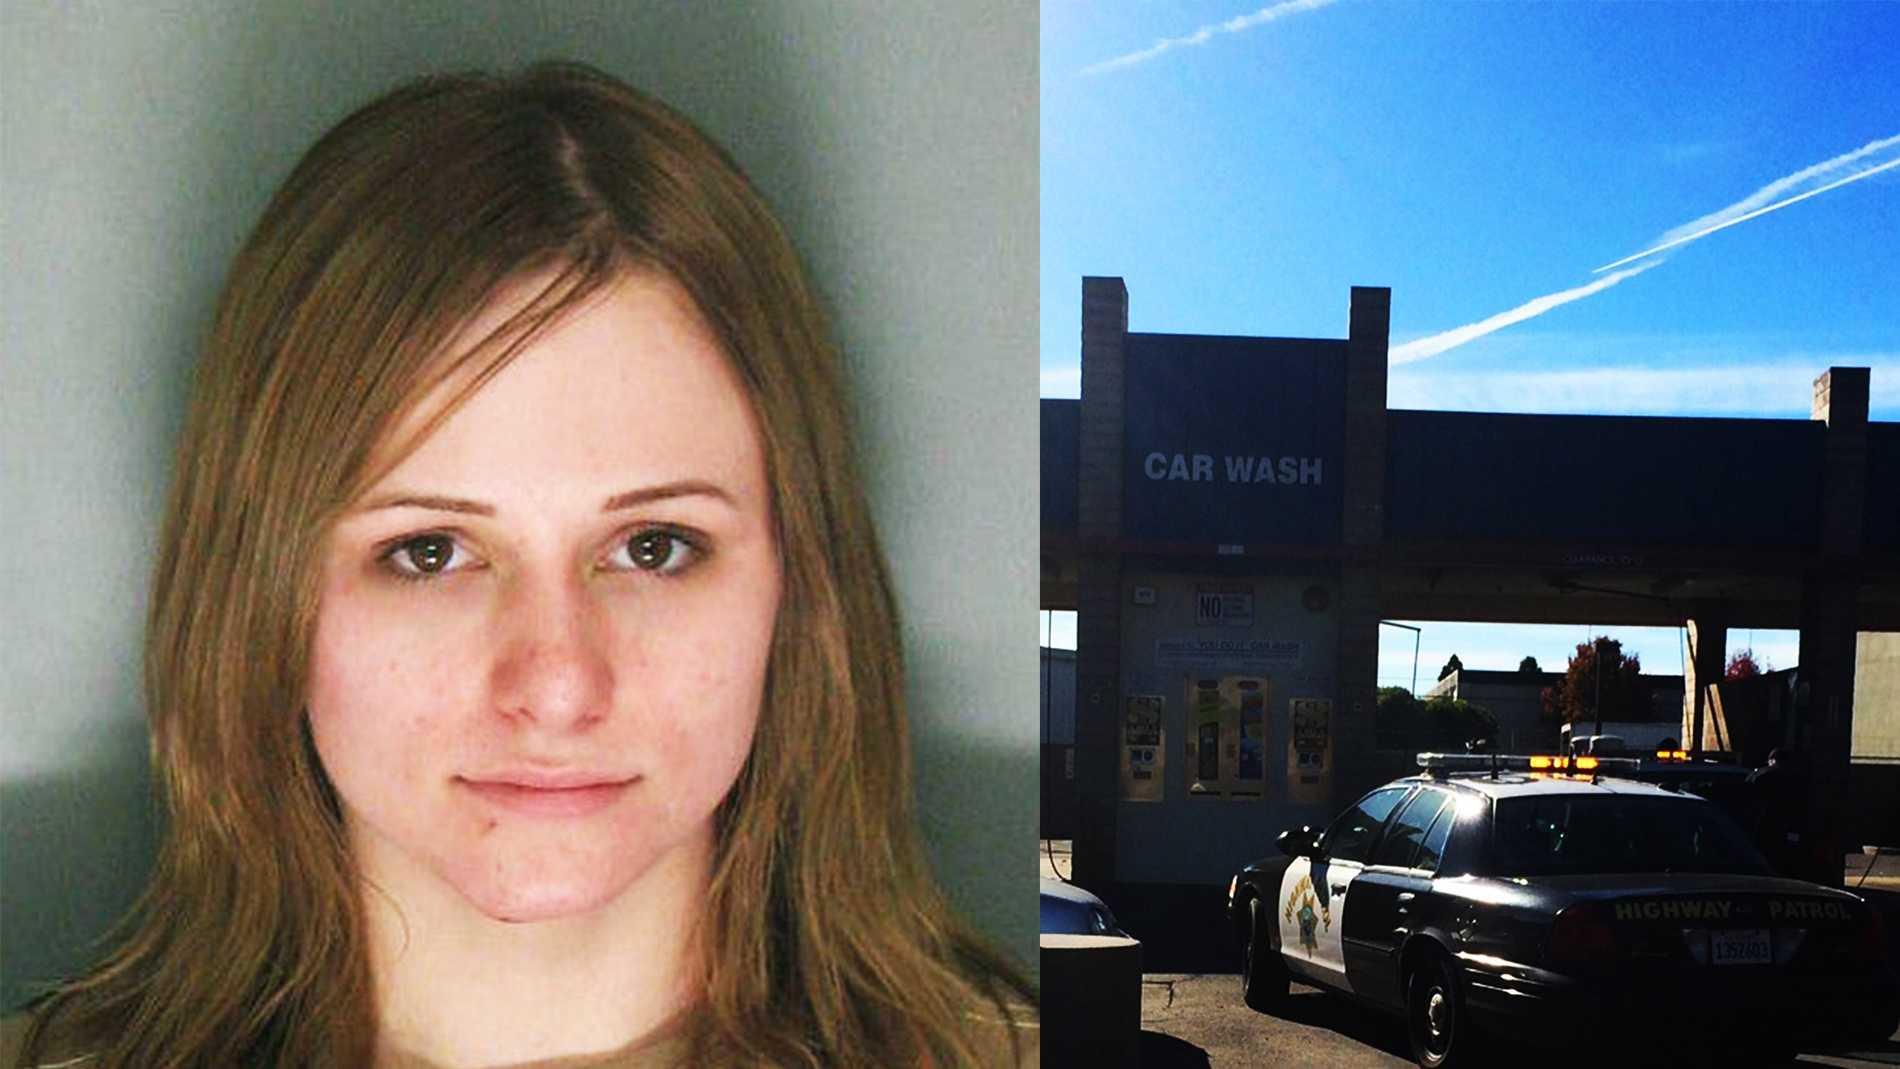 Ashley Robinson was arrested at this Santa Cruz car wash.